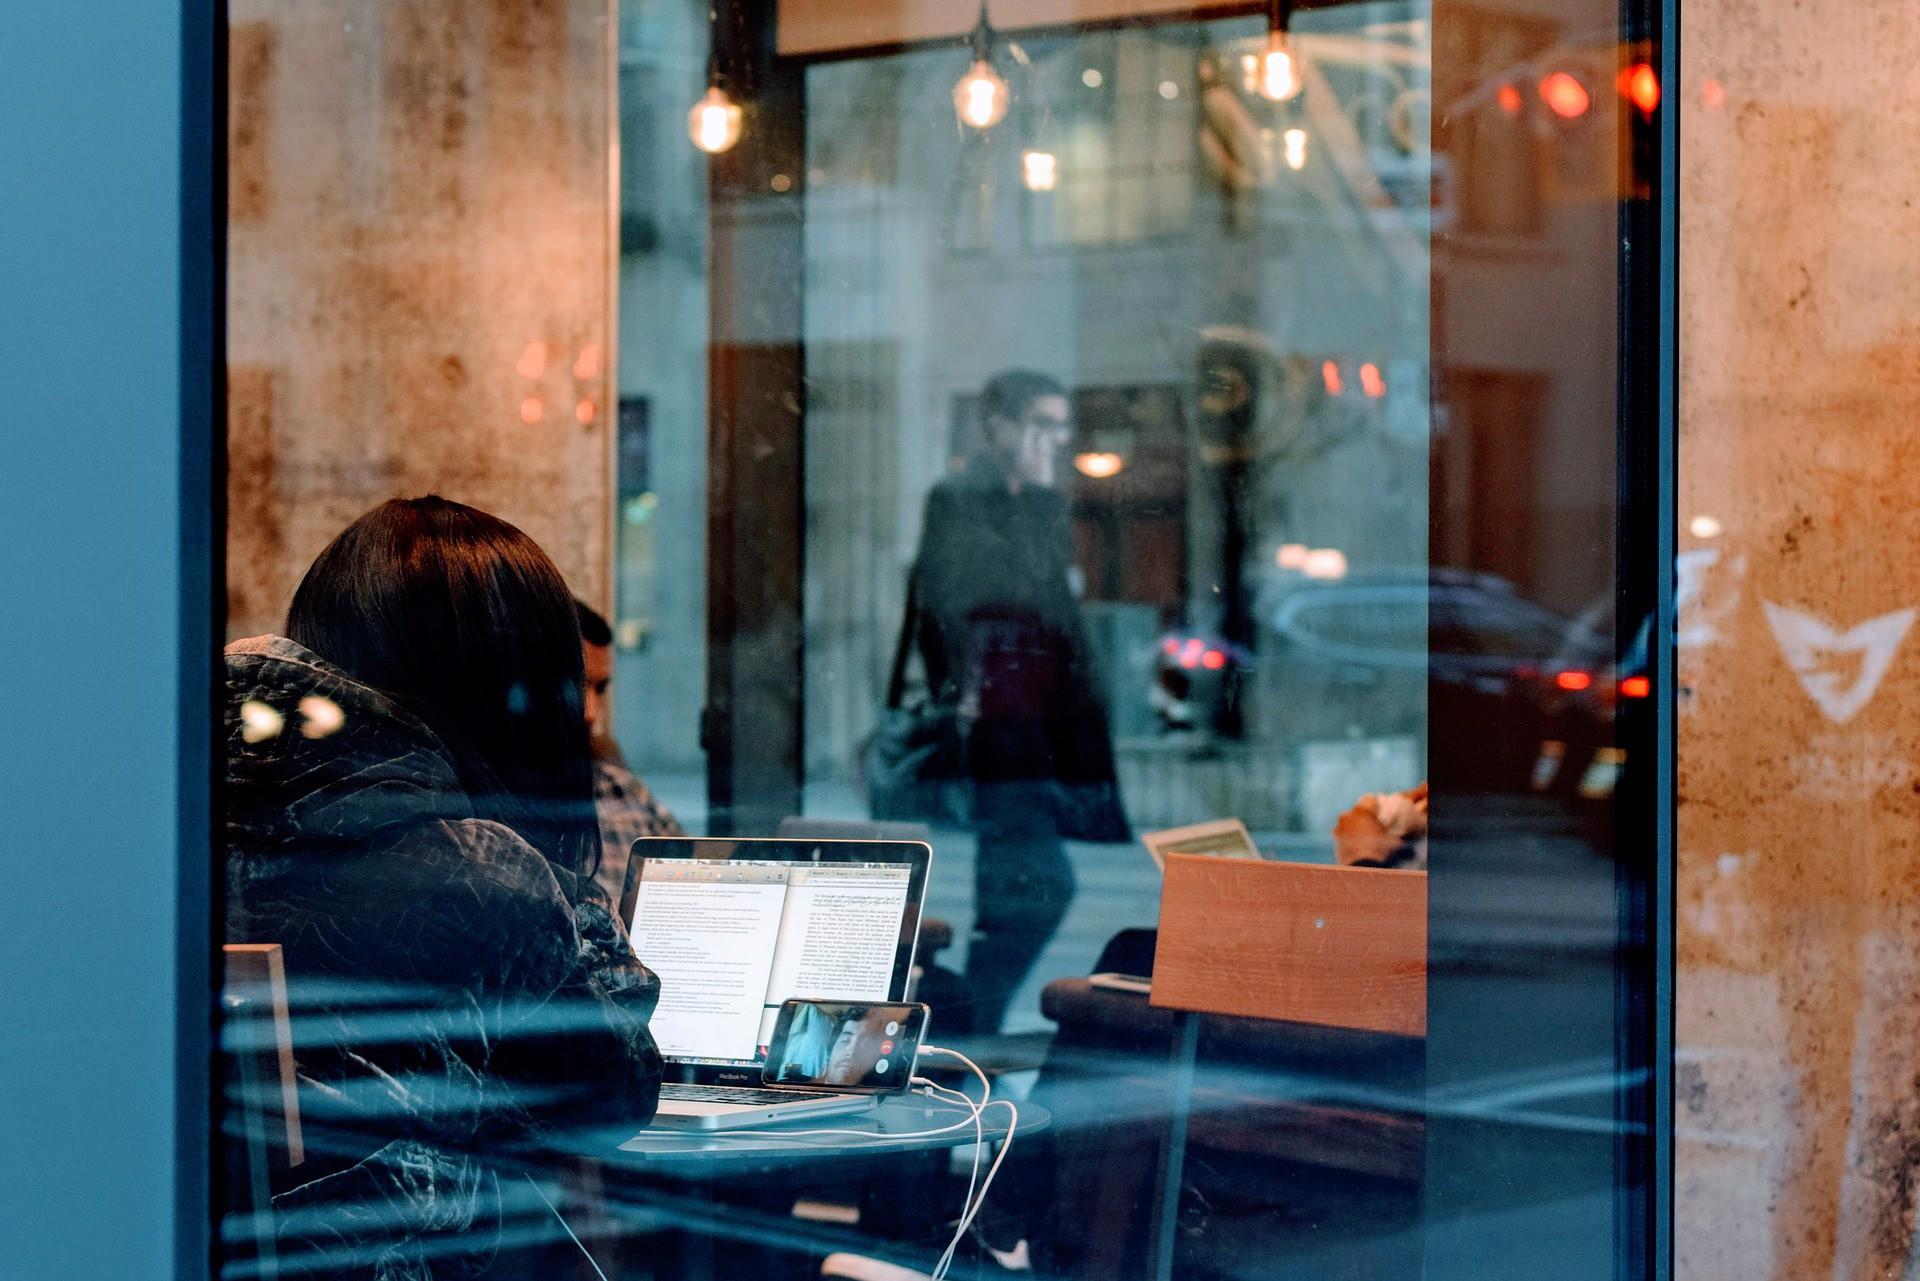 Risiko Urlaubsreise: so schützen Sie sich unterwegs vor Cyber-Kriminellen